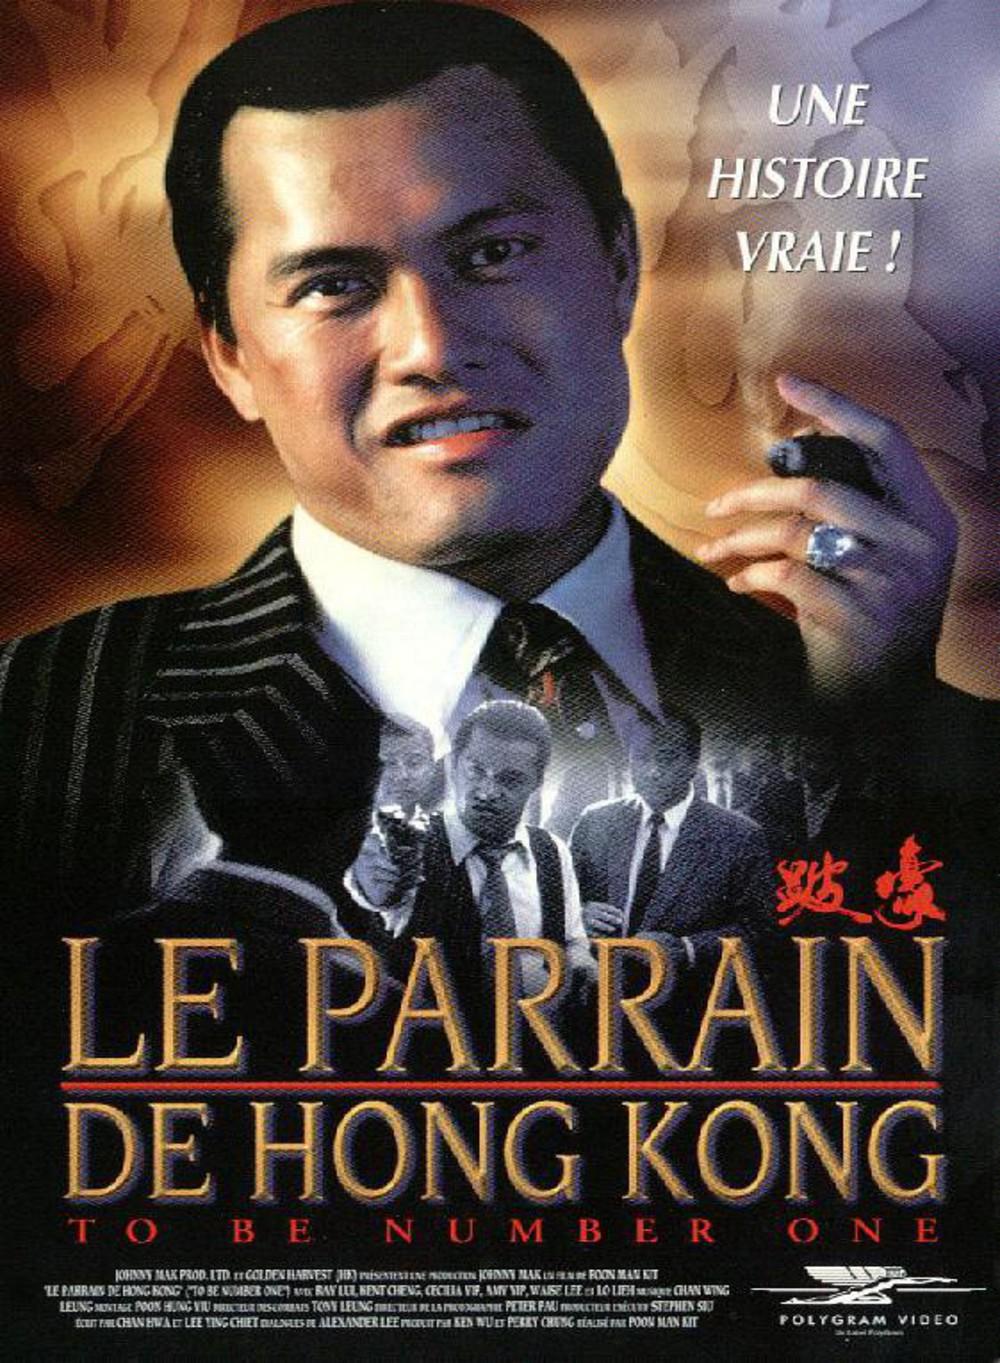 Le Parrain de Hong Kong : Histoire vraie de Ho le Boiteux, patron d'une des triades les plus redoutées de Hong Kong. Arrivé de Chine vers 1960, il travaille dans un restaurant puis devient homme de main d'un caïd, jusqu'à s'imposer comme parrain absolu à force de violence et d'alliances judicieuses. ...-----... Film de Poon Man-Kit Action et policier 2 h 16 min 5 avril 1991 Avec Ray Lui, Kent Cheng, Cecilia Yip